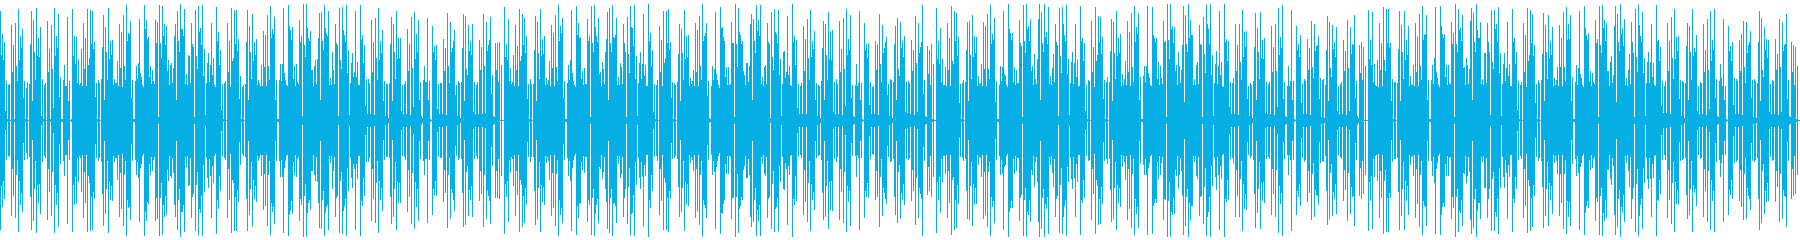 おしゃれなゲーム音楽のファンク:ループの再生済みの波形